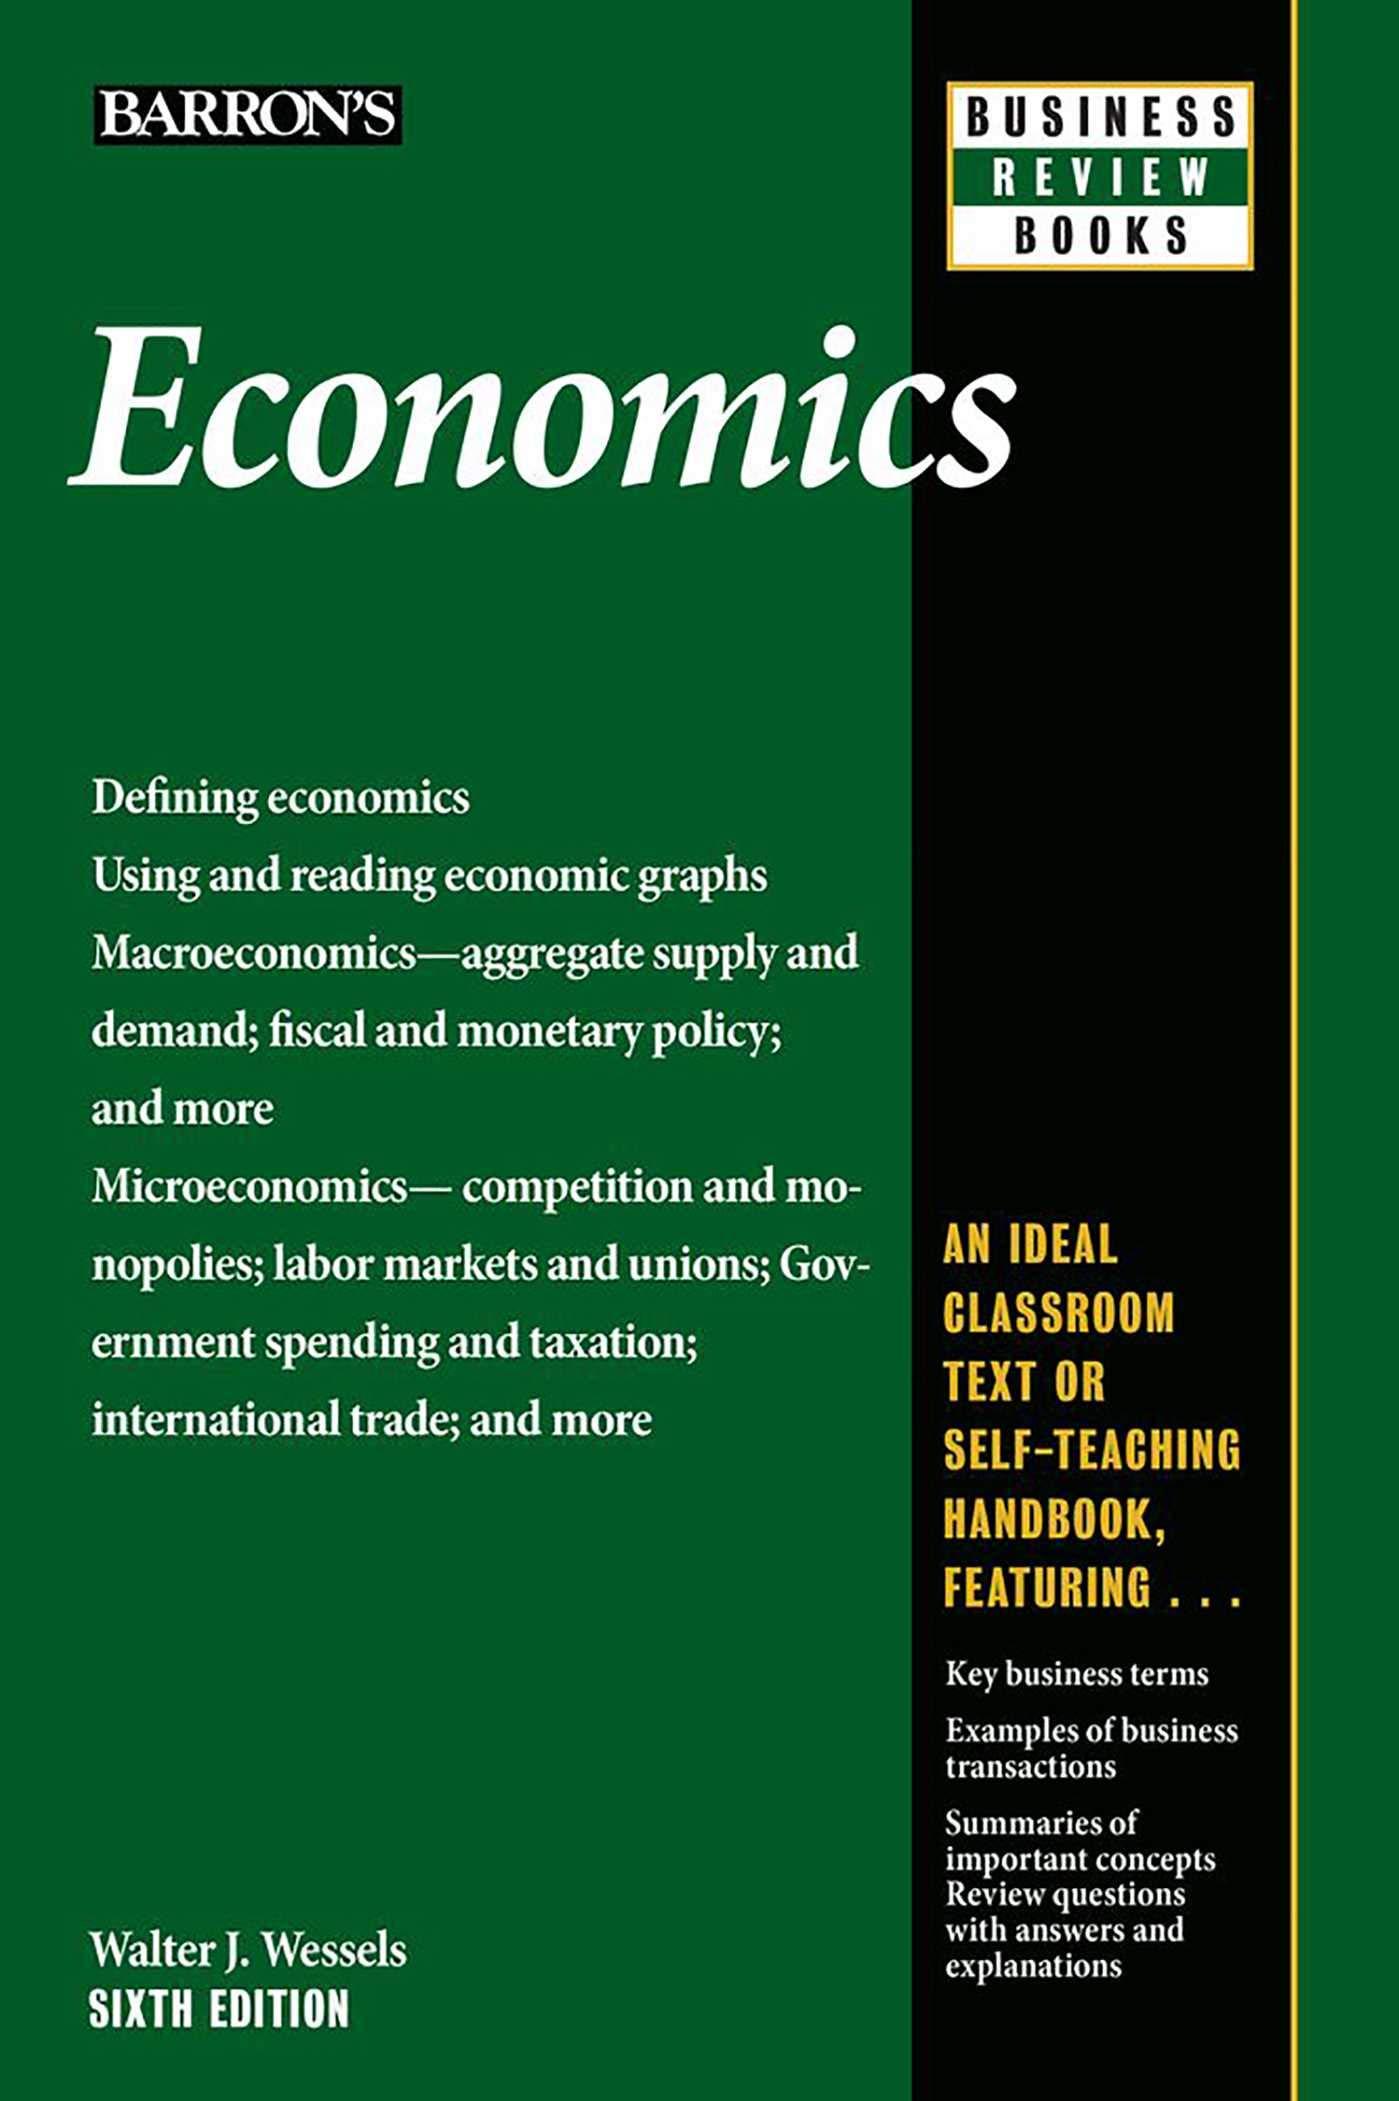 microeconomics vs macroeconomics examples